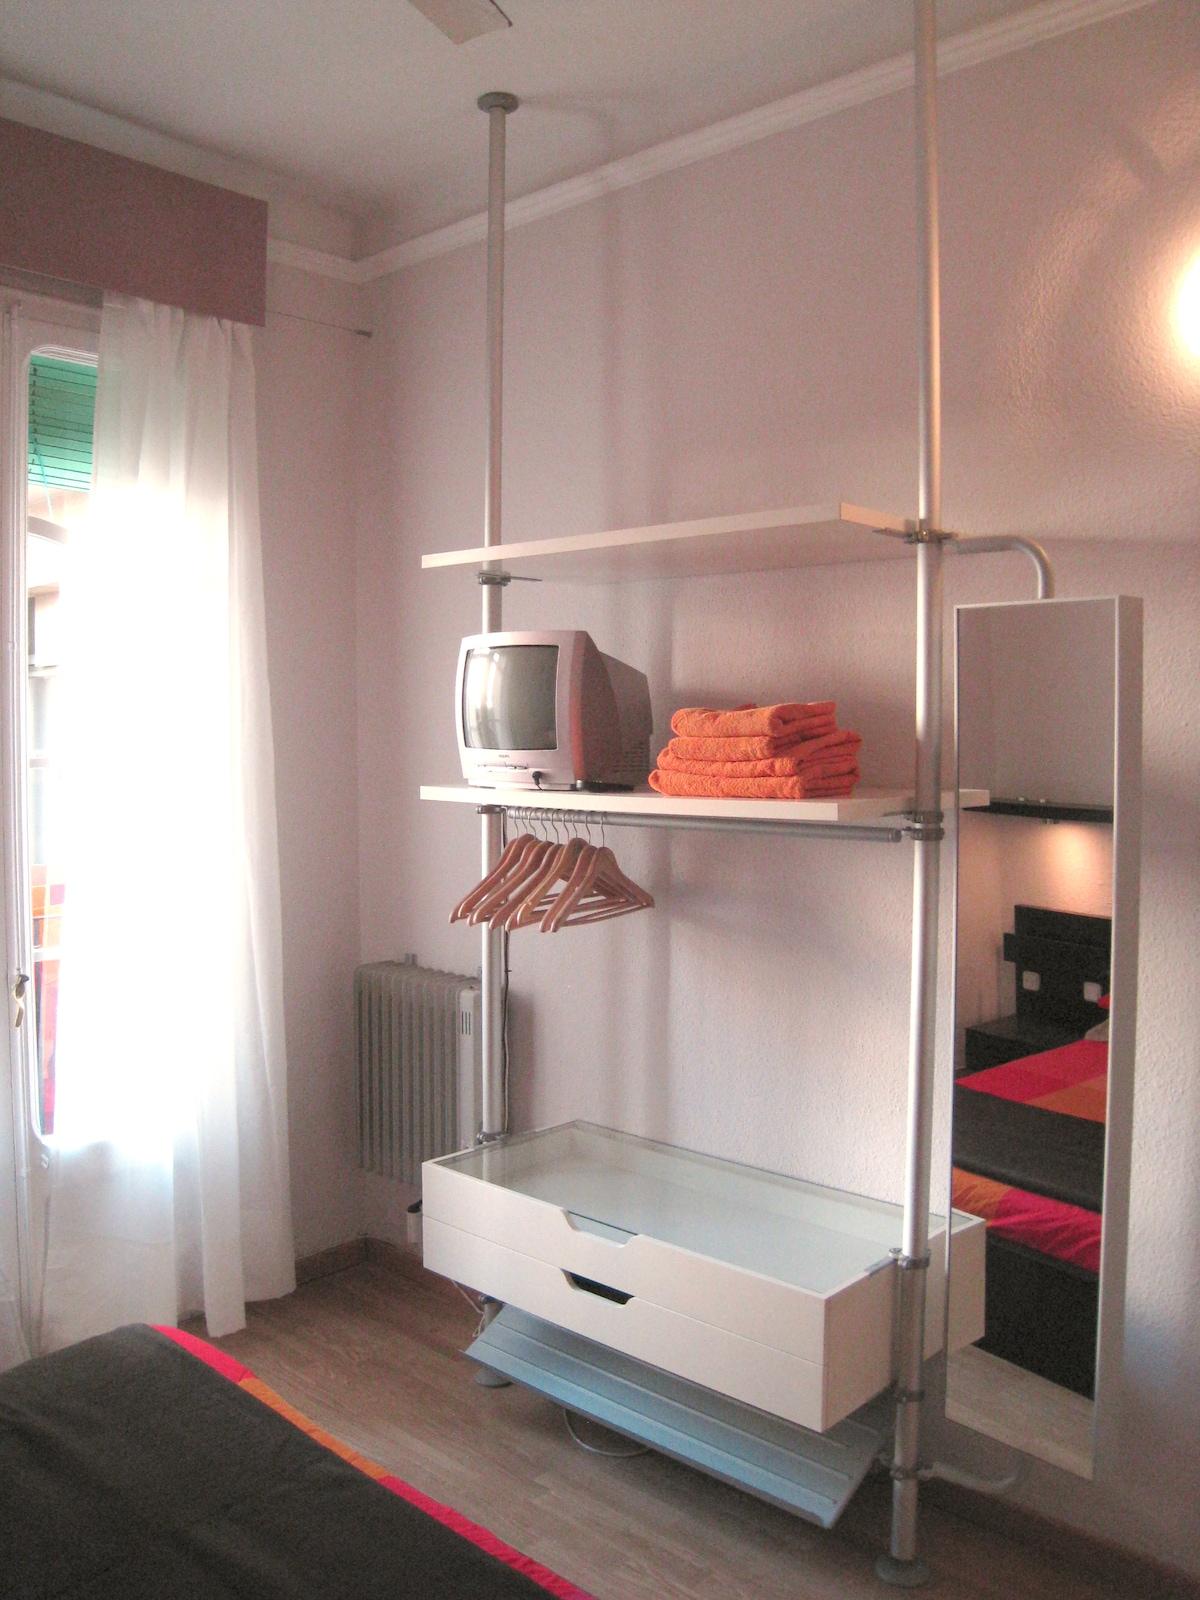 Double Room 01